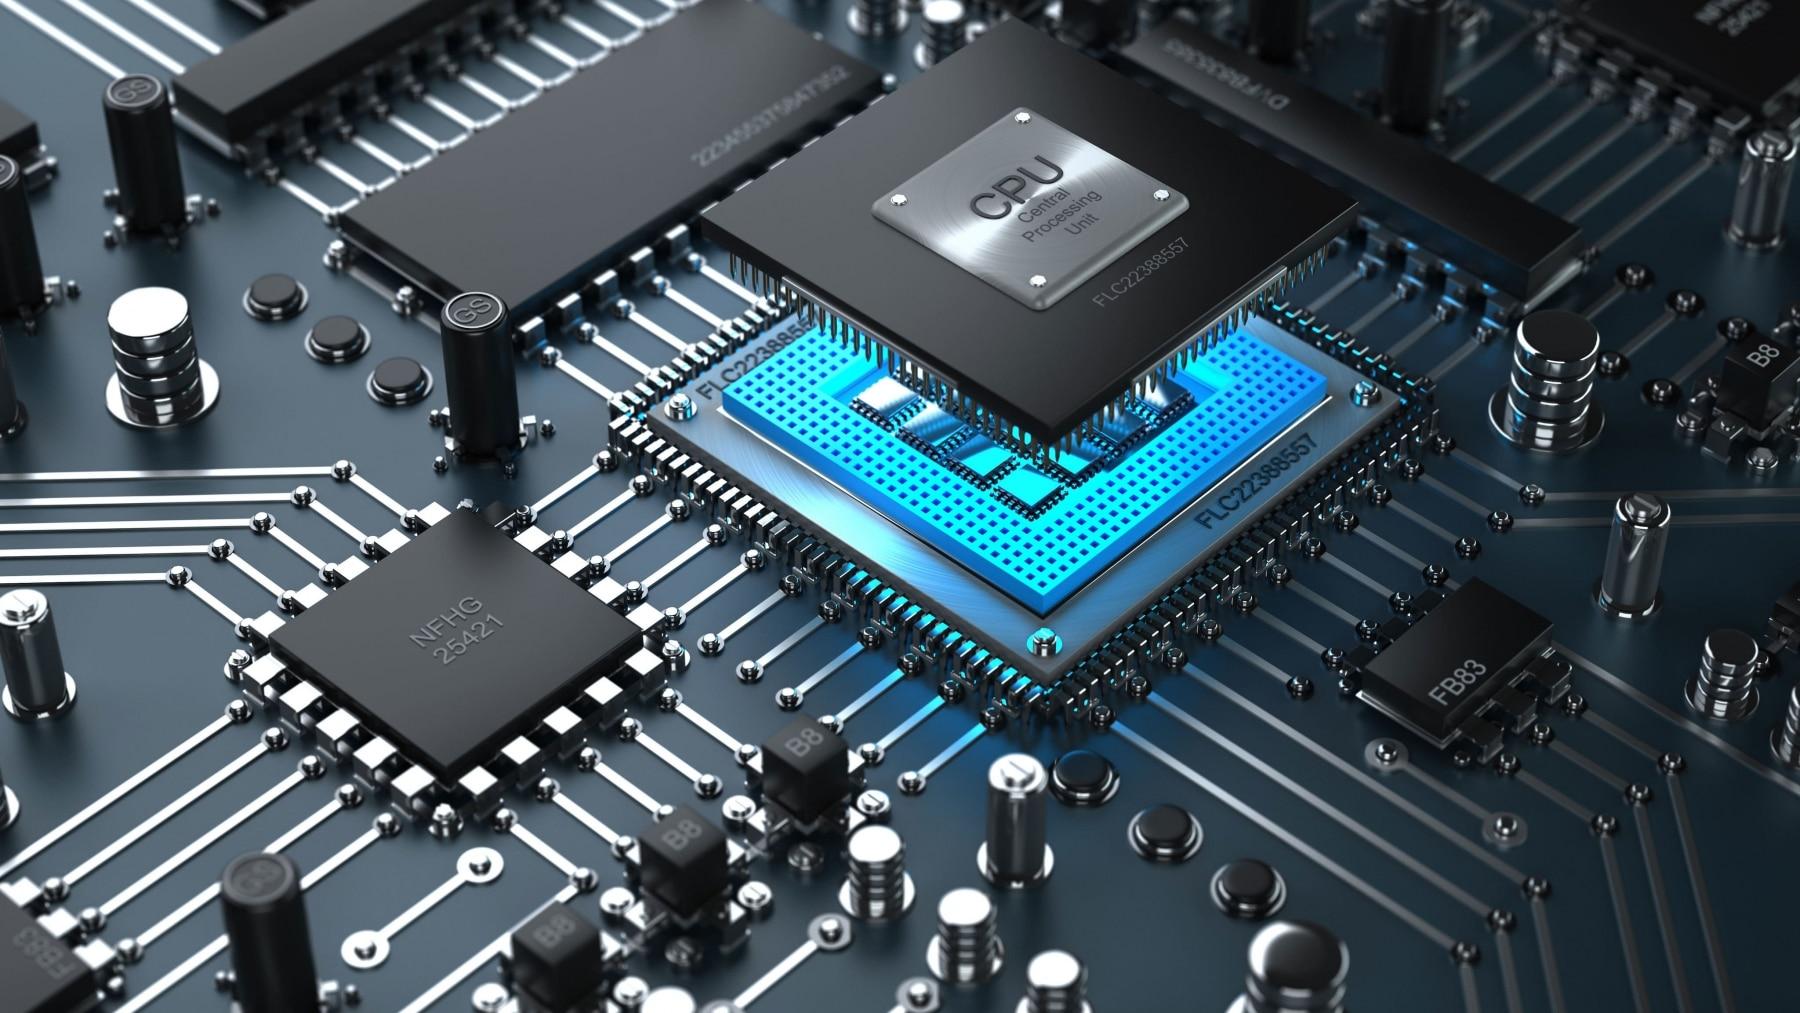 intel core i9 x series cpu